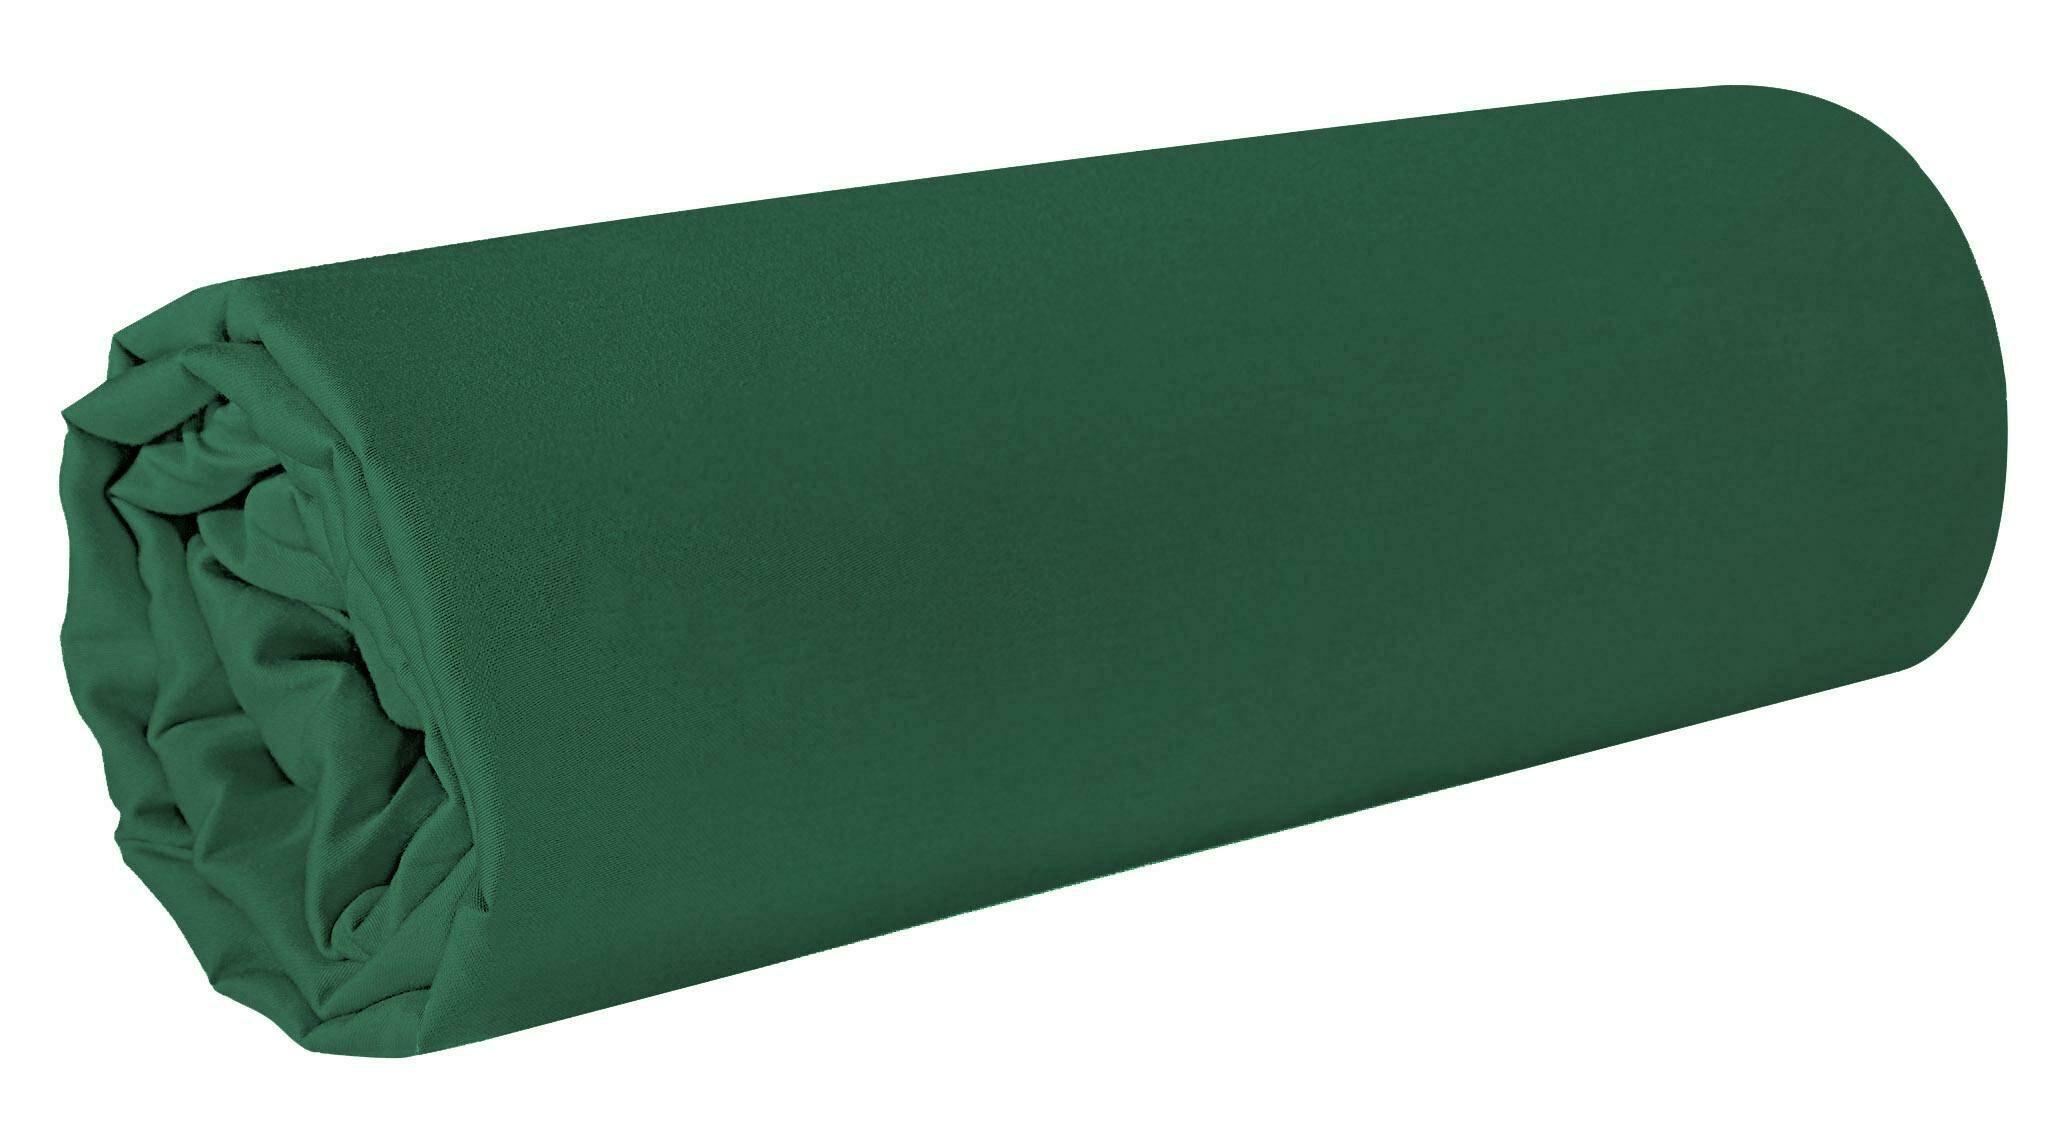 Prześcieradło satynowe 220x210 Nova 1 zielone ciemne jednobarwne bez gumki Eurofirany